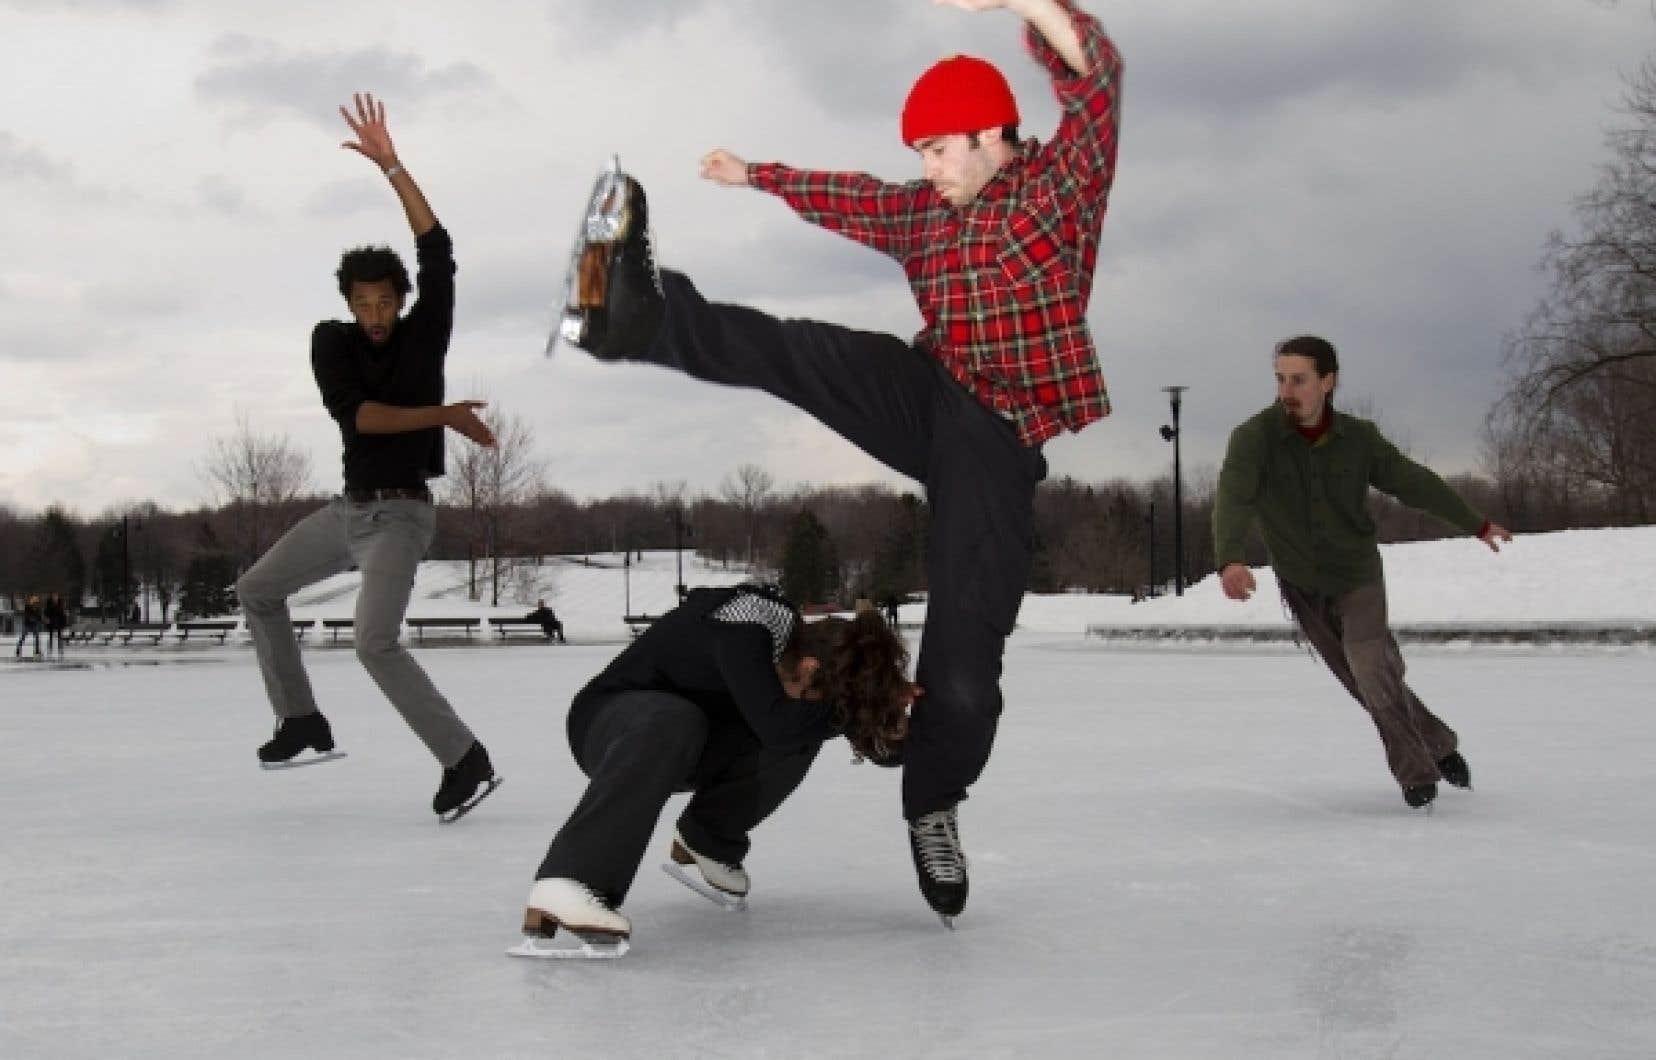 Tous les vendredis depuis le début de février, la troupe Patin libre prend d'assaut la glace du parc La Fontaine (et la patinoire réfrigérée du lac des Castors depuis le redoux) pour montrer aux patineurs tout l'art que permet la glisse sur deux lames.